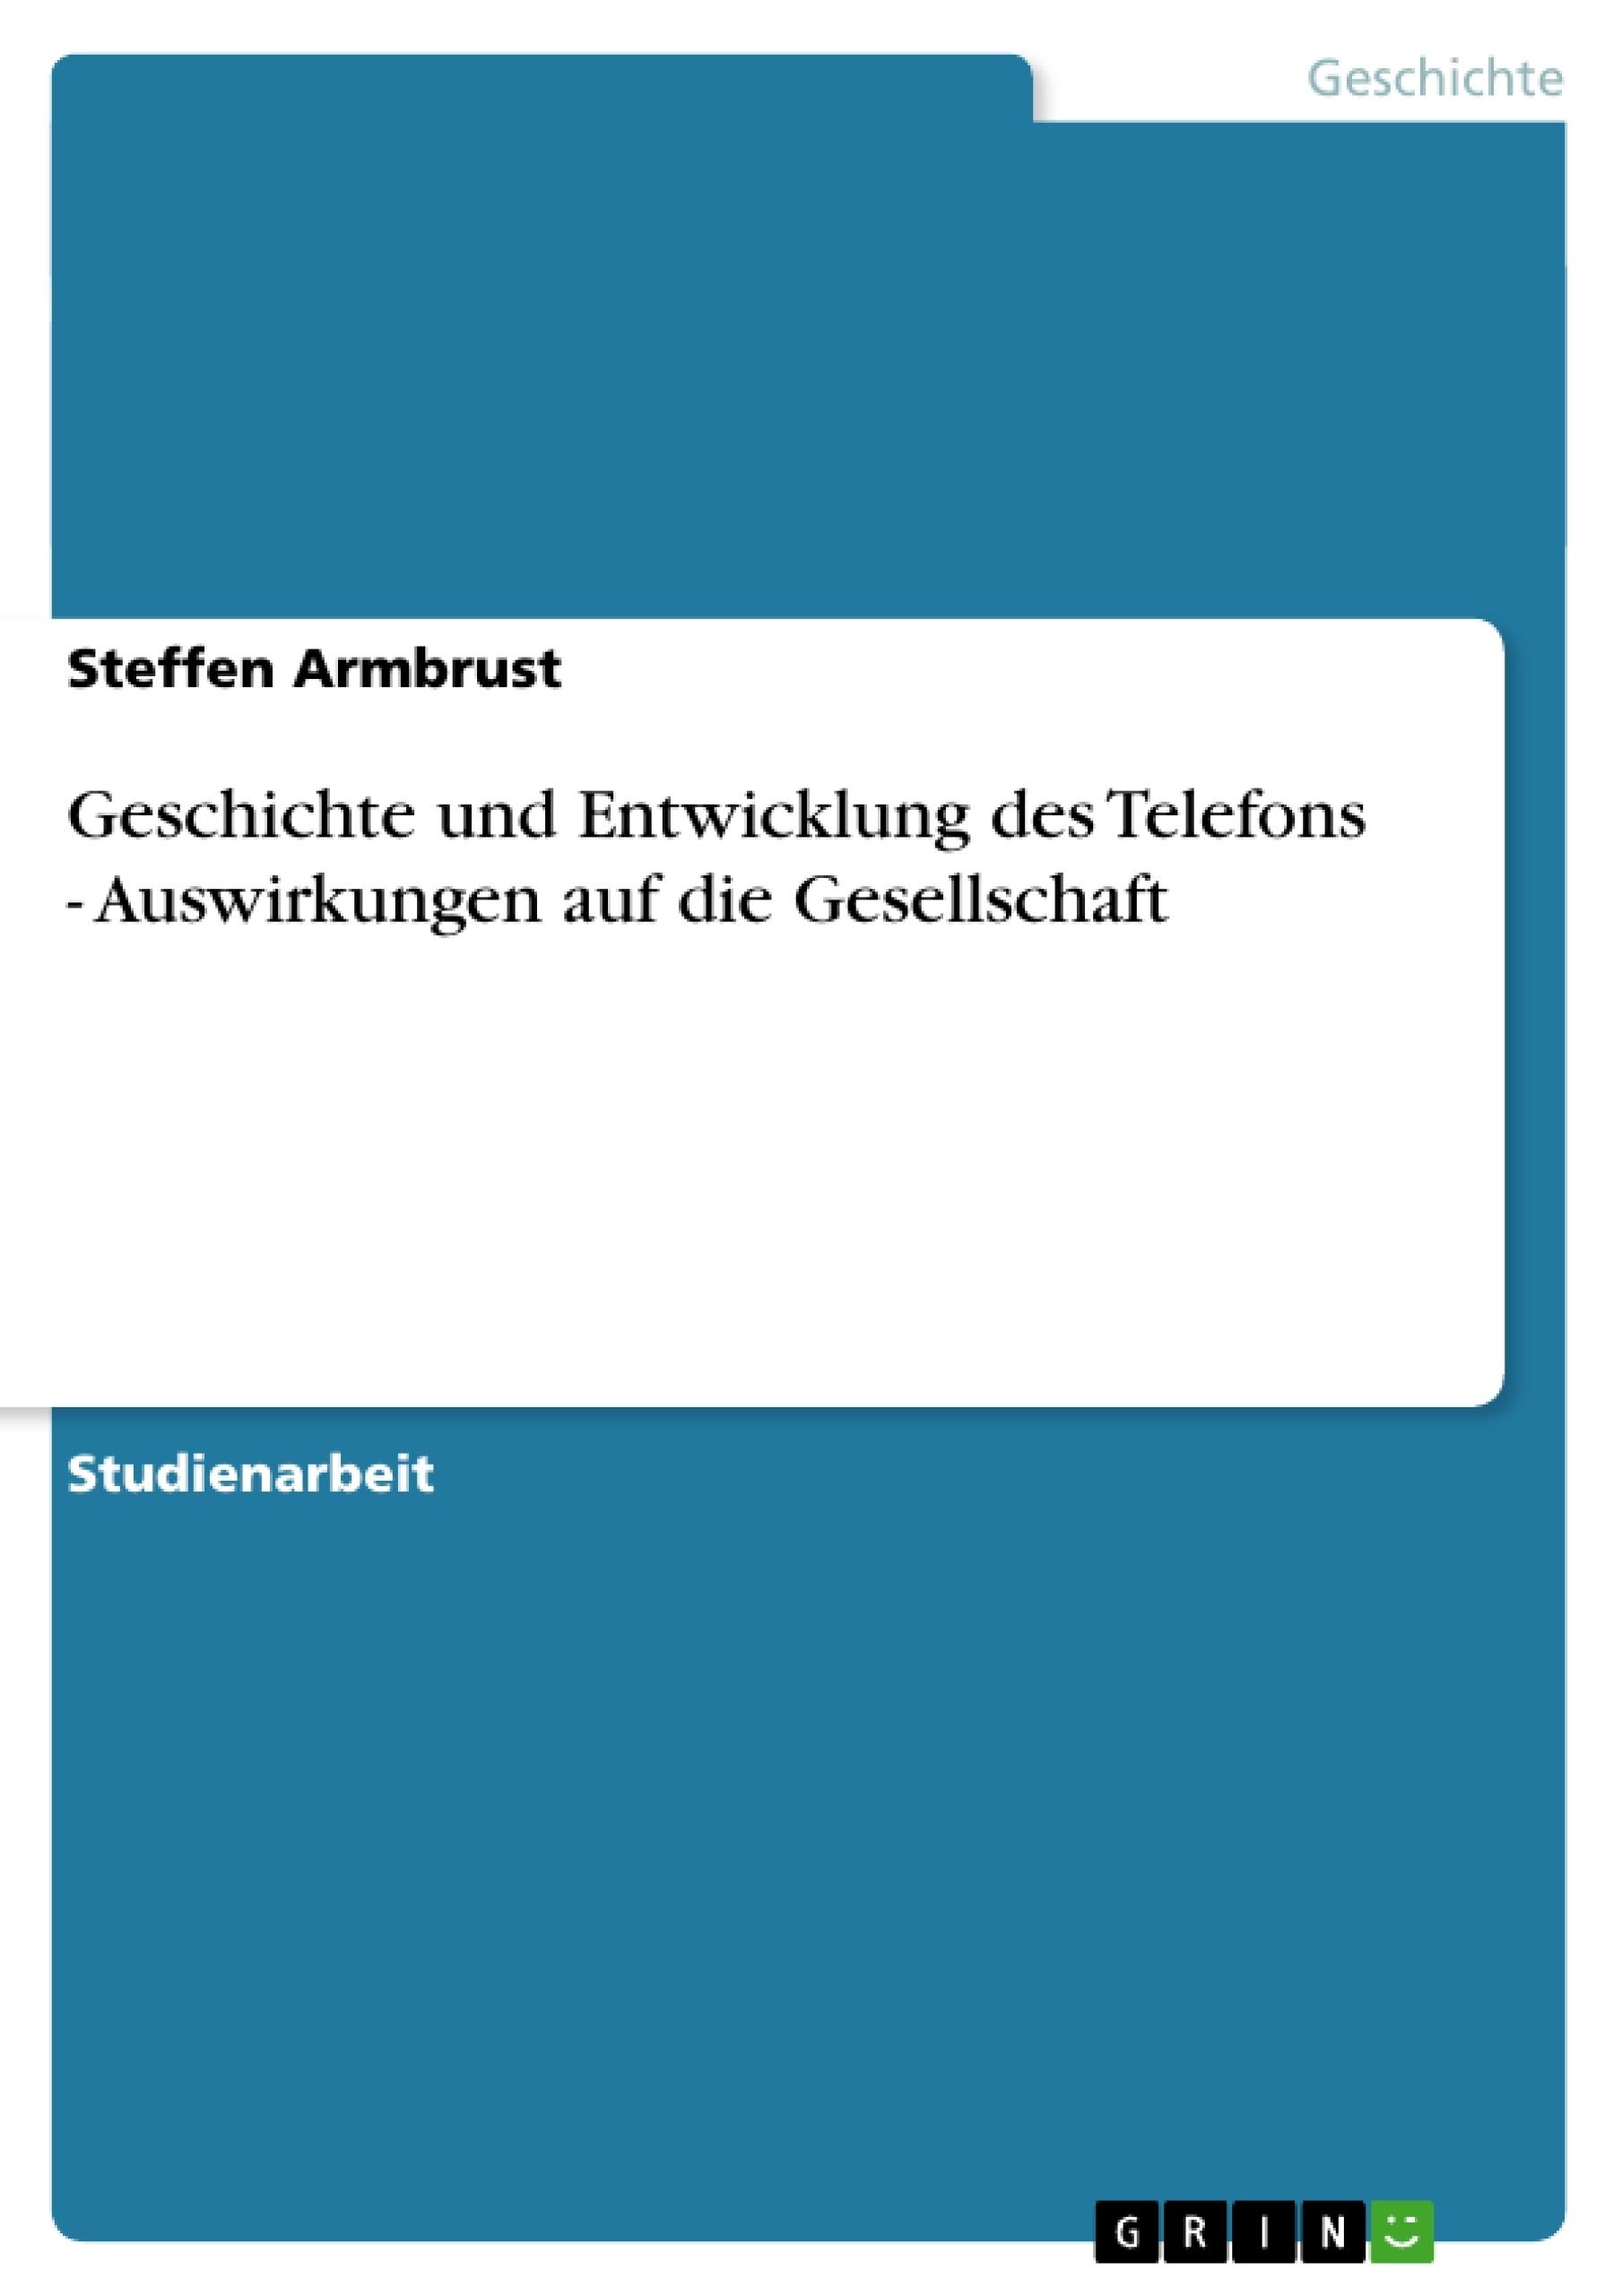 Titel: Geschichte und Entwicklung des Telefons - Auswirkungen auf die Gesellschaft